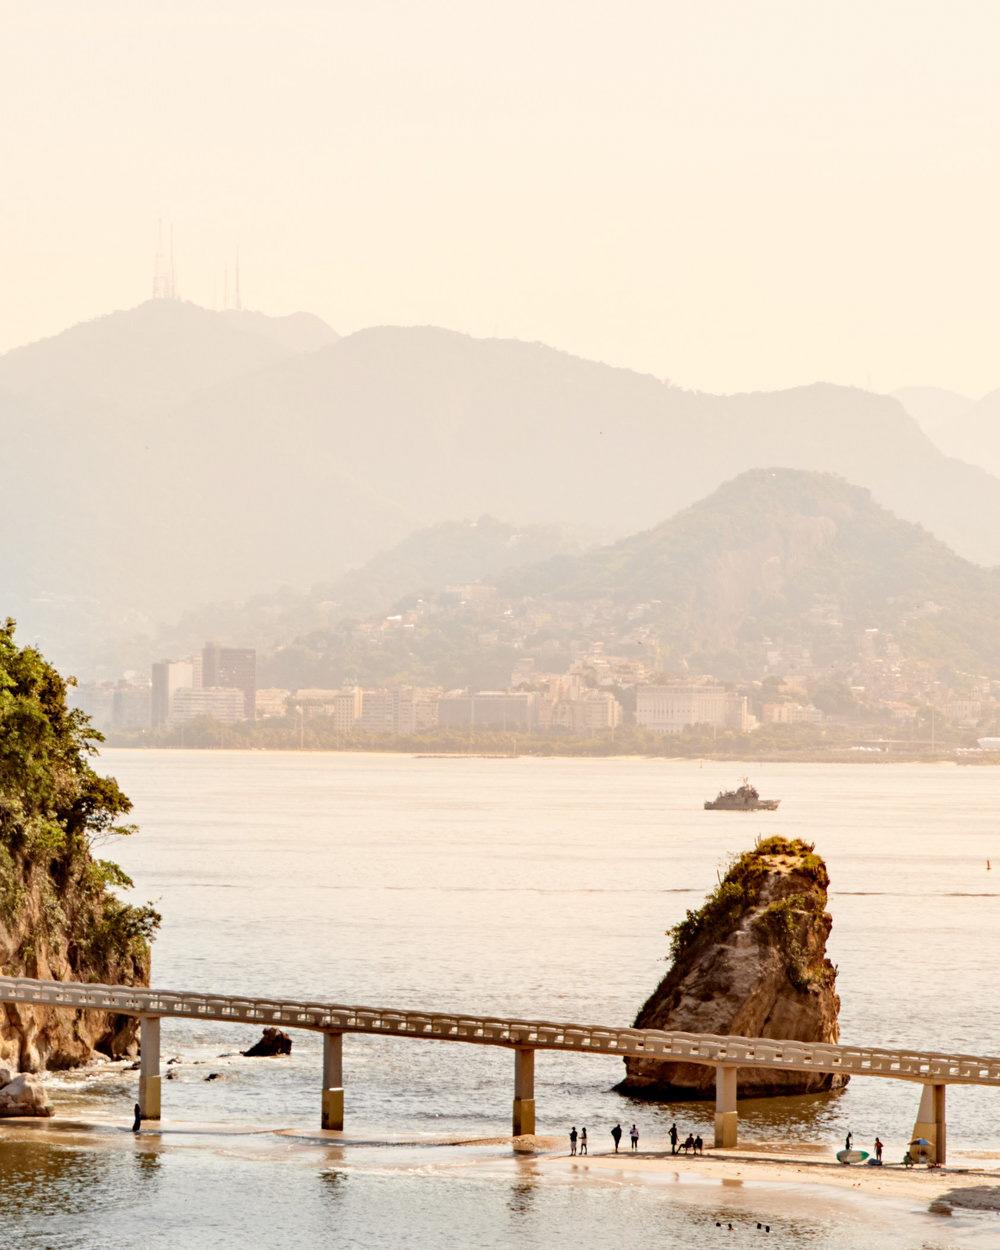 Beach scene in Rio de Janeiro, Brazil